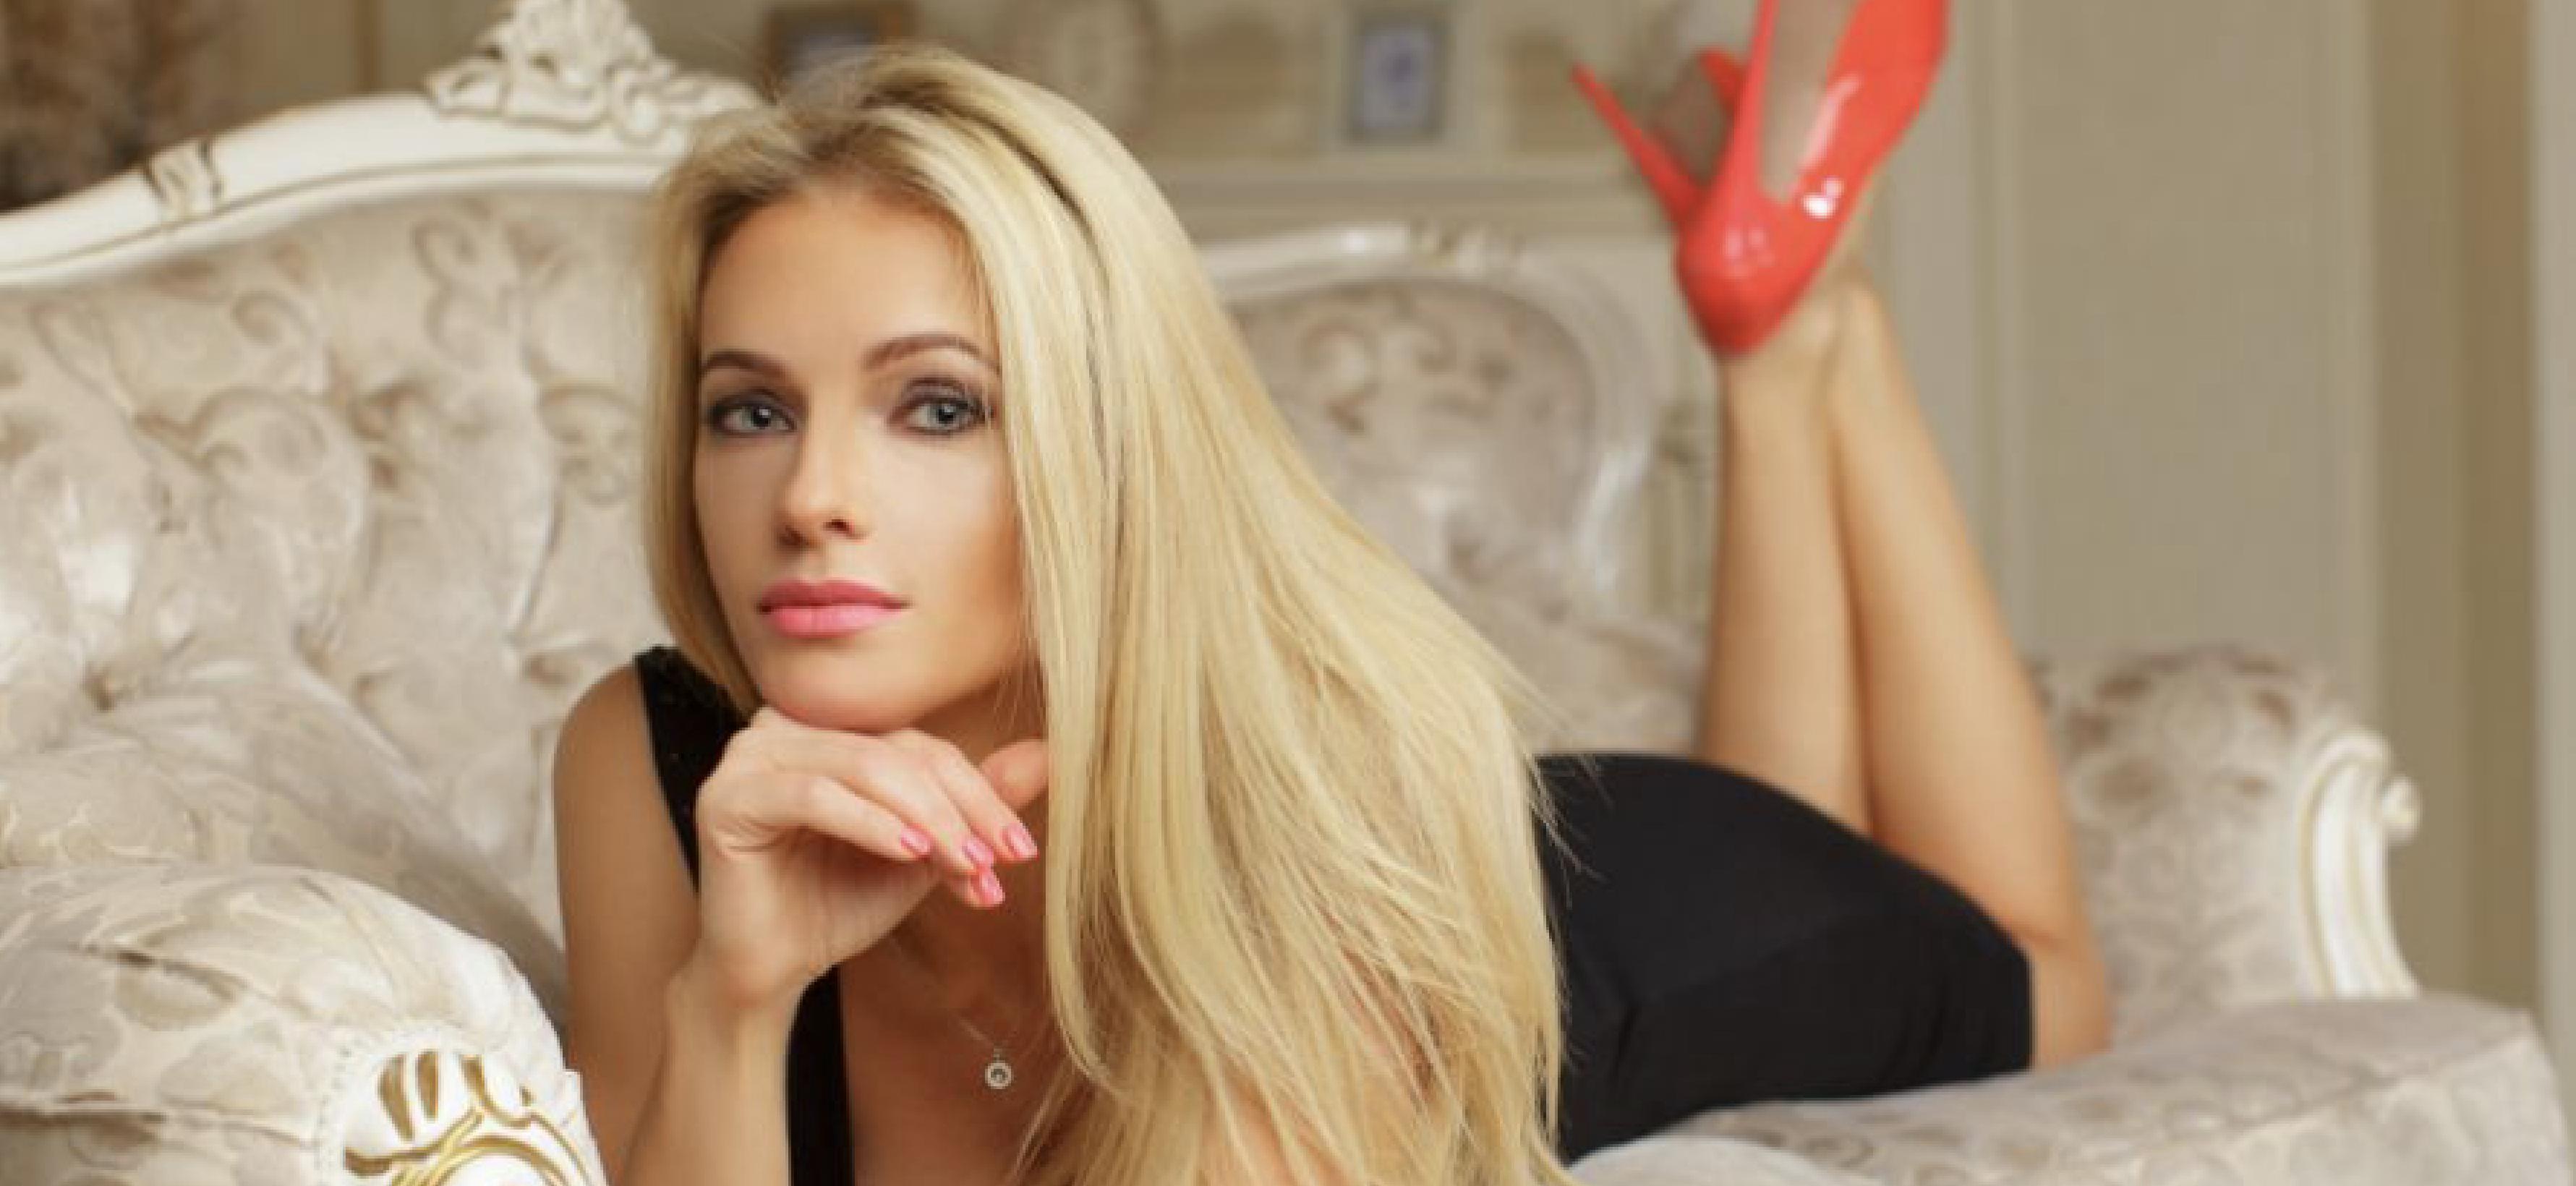 That password ukrainian women marriage